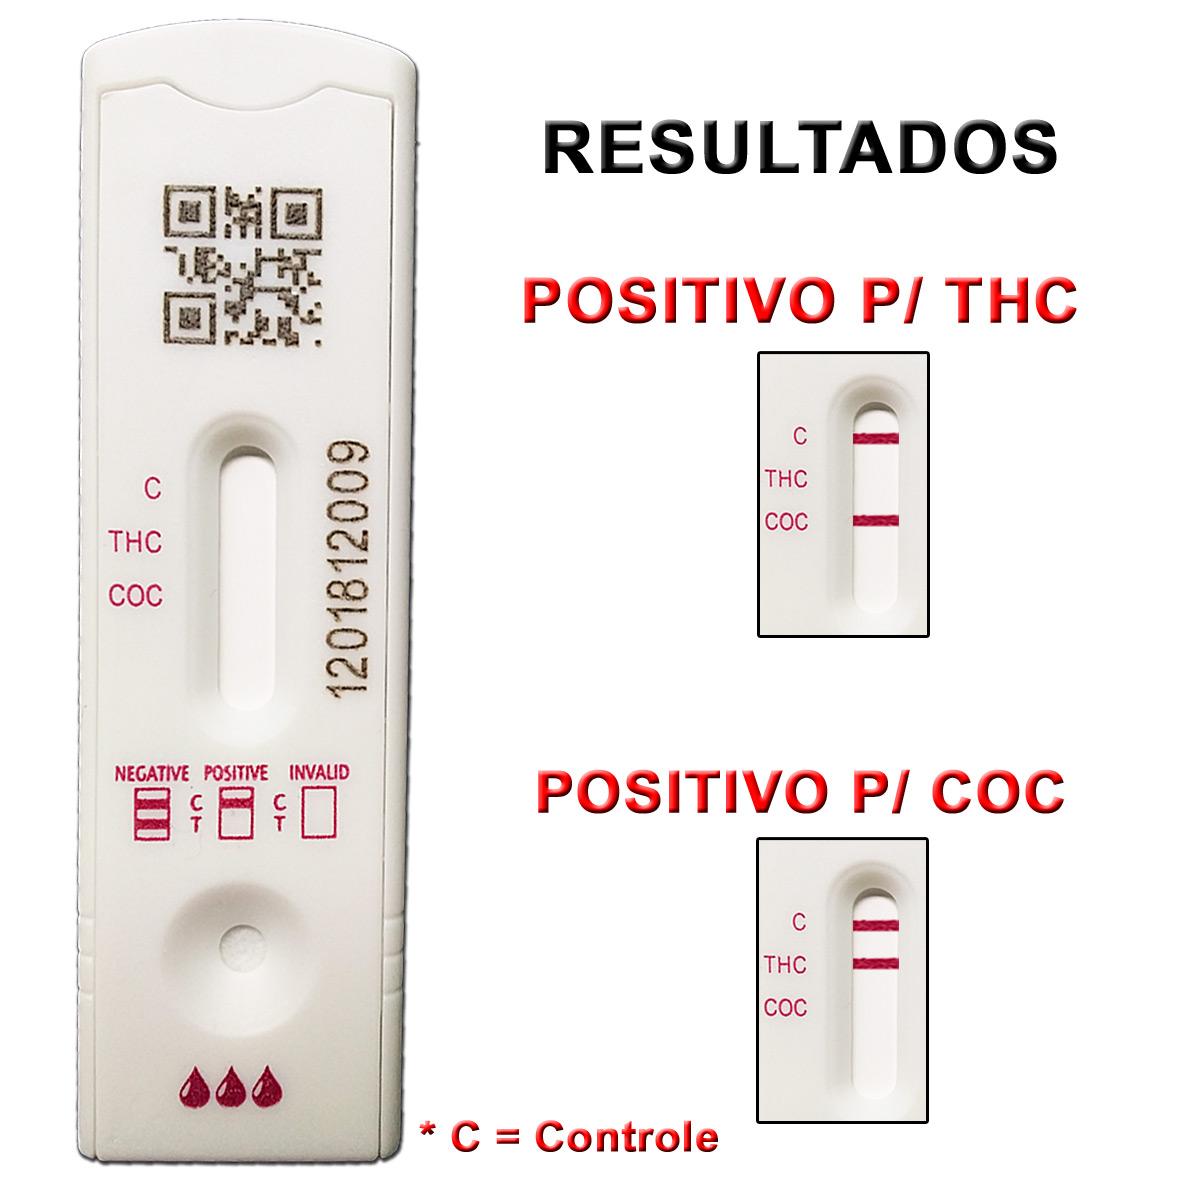 25 Kits para teste de duas substâncias - COC+THC com coletor de urina  - Loja Saúde - Diagnósticos e Produtos Naturais